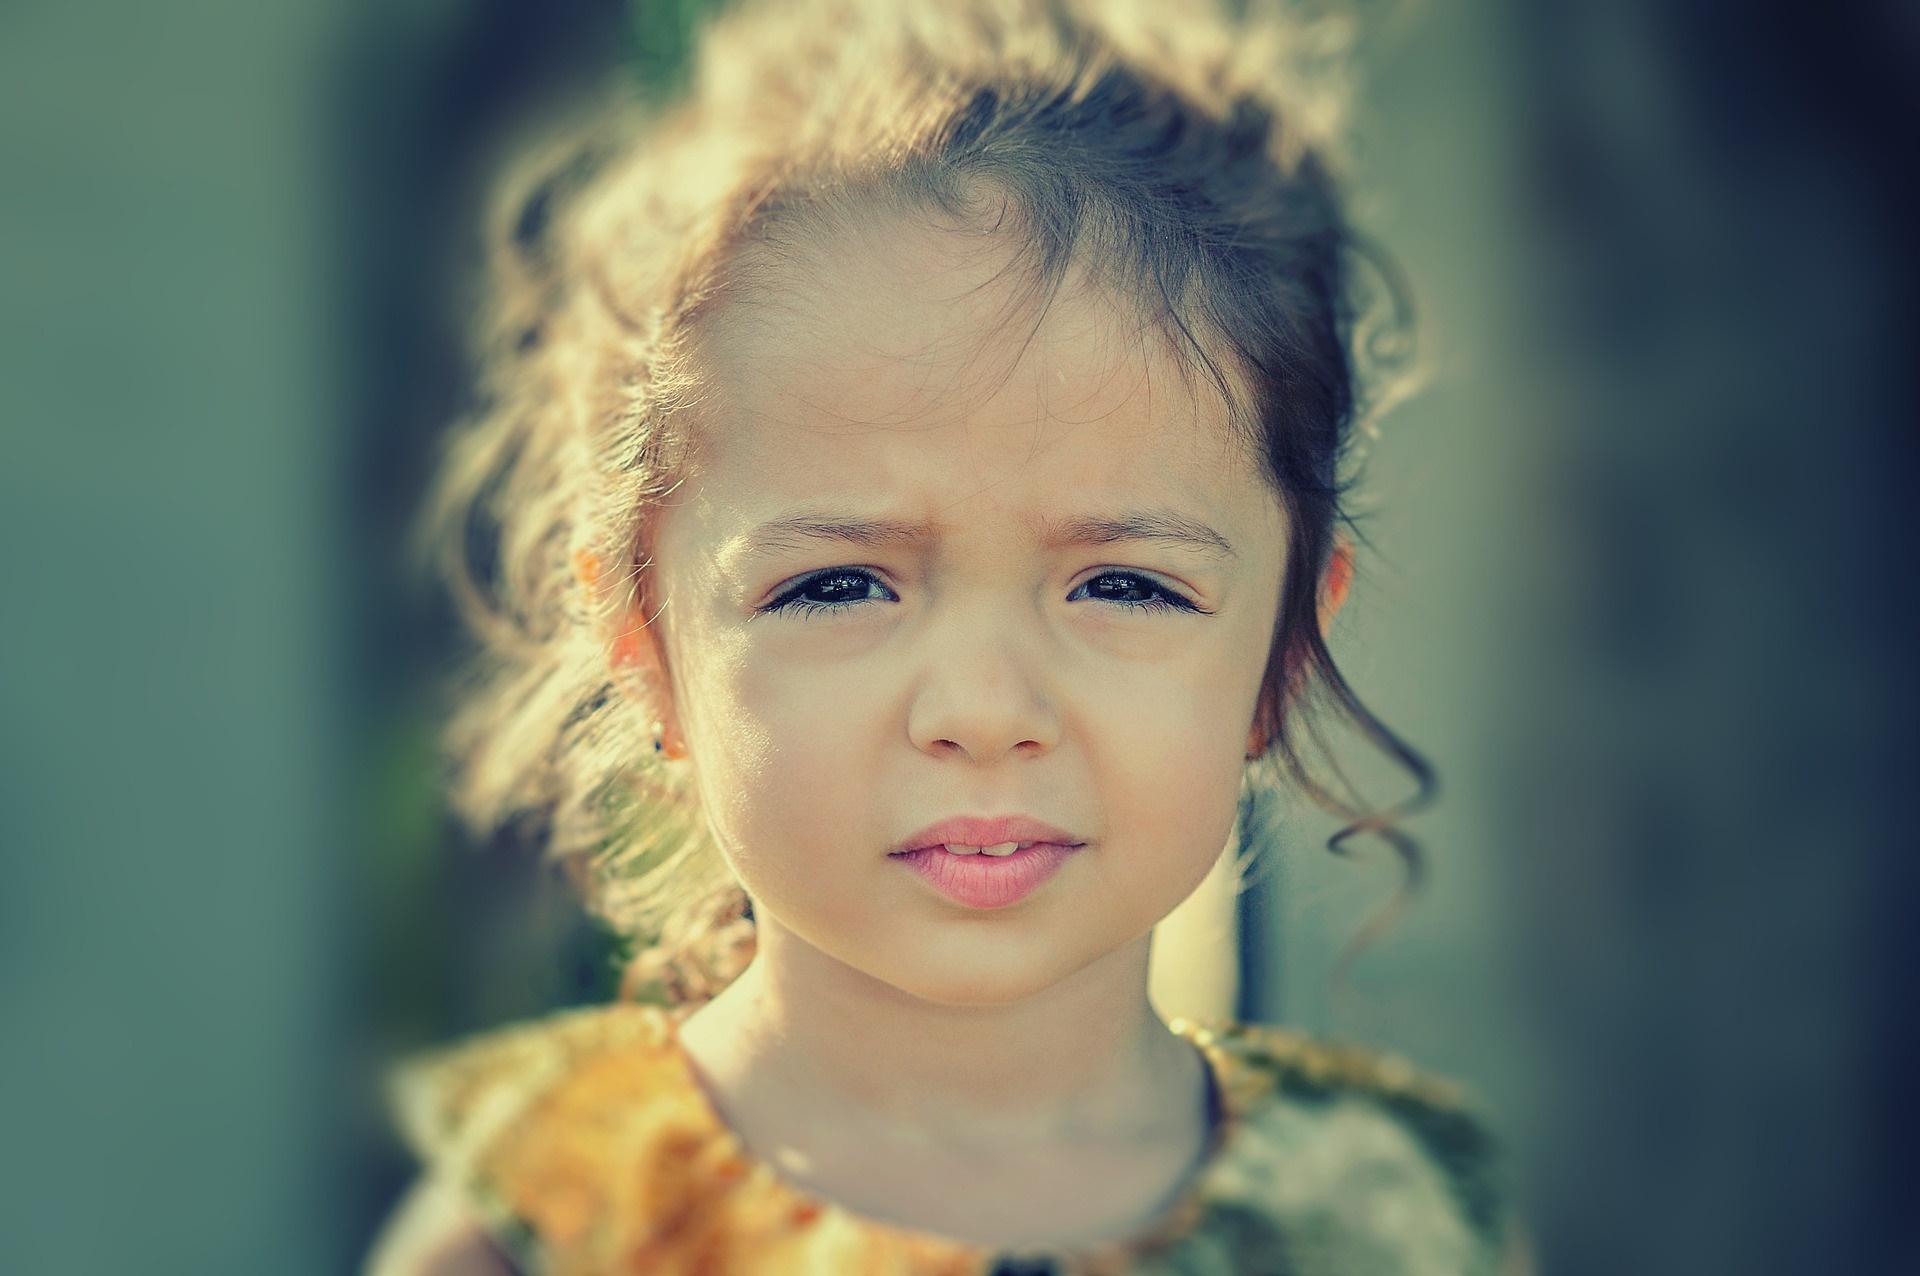 Allergia Rimedi Della Nonna congiuntivite allergica nei bambini: sintomi, cause, rimedi